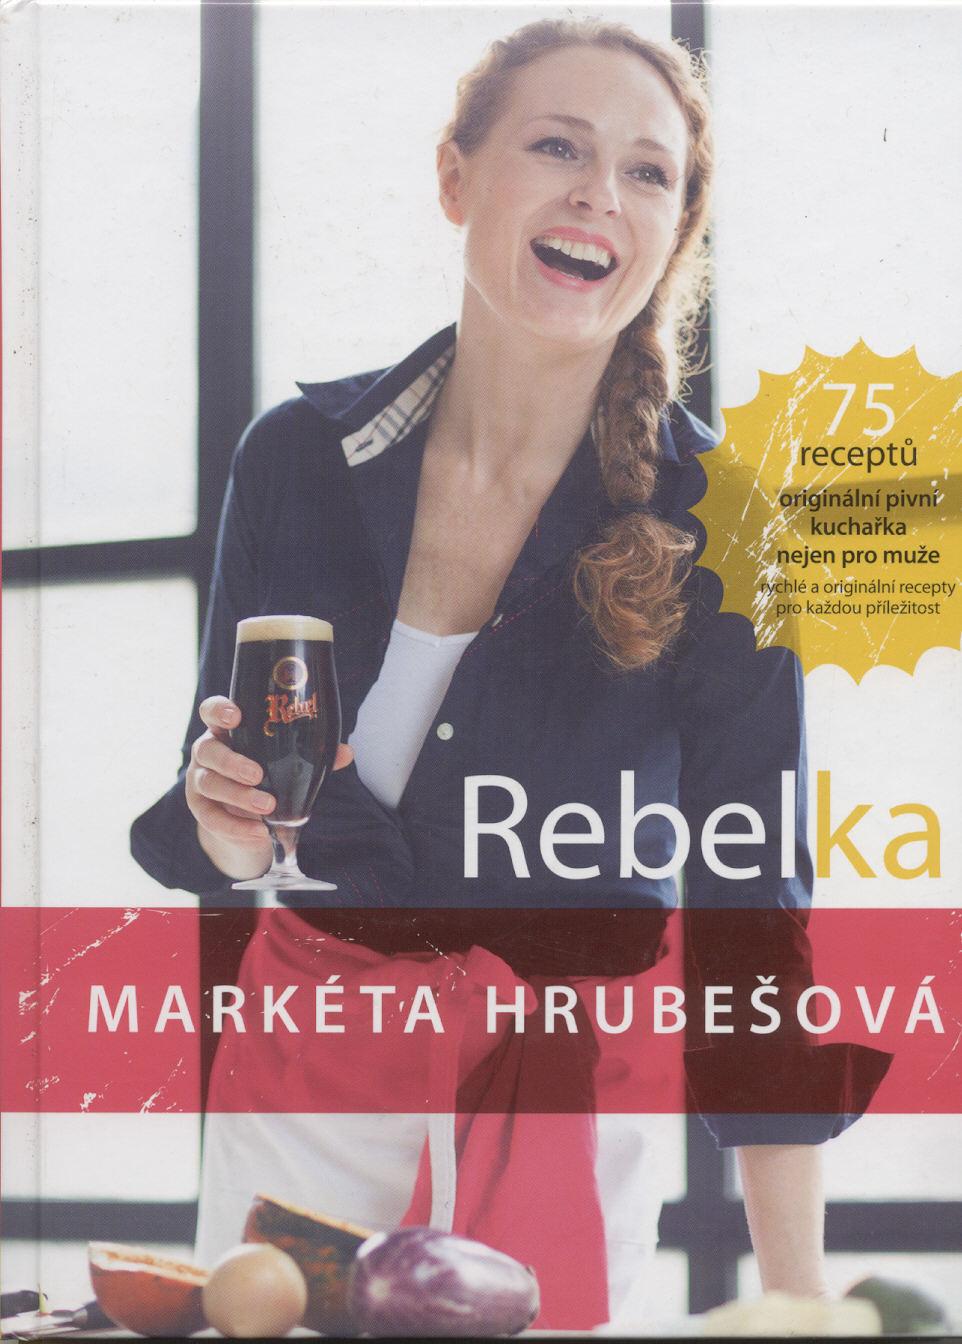 Rebelka (originální pivní kuchařka nejen pro muže) - Markéta Hrubešová